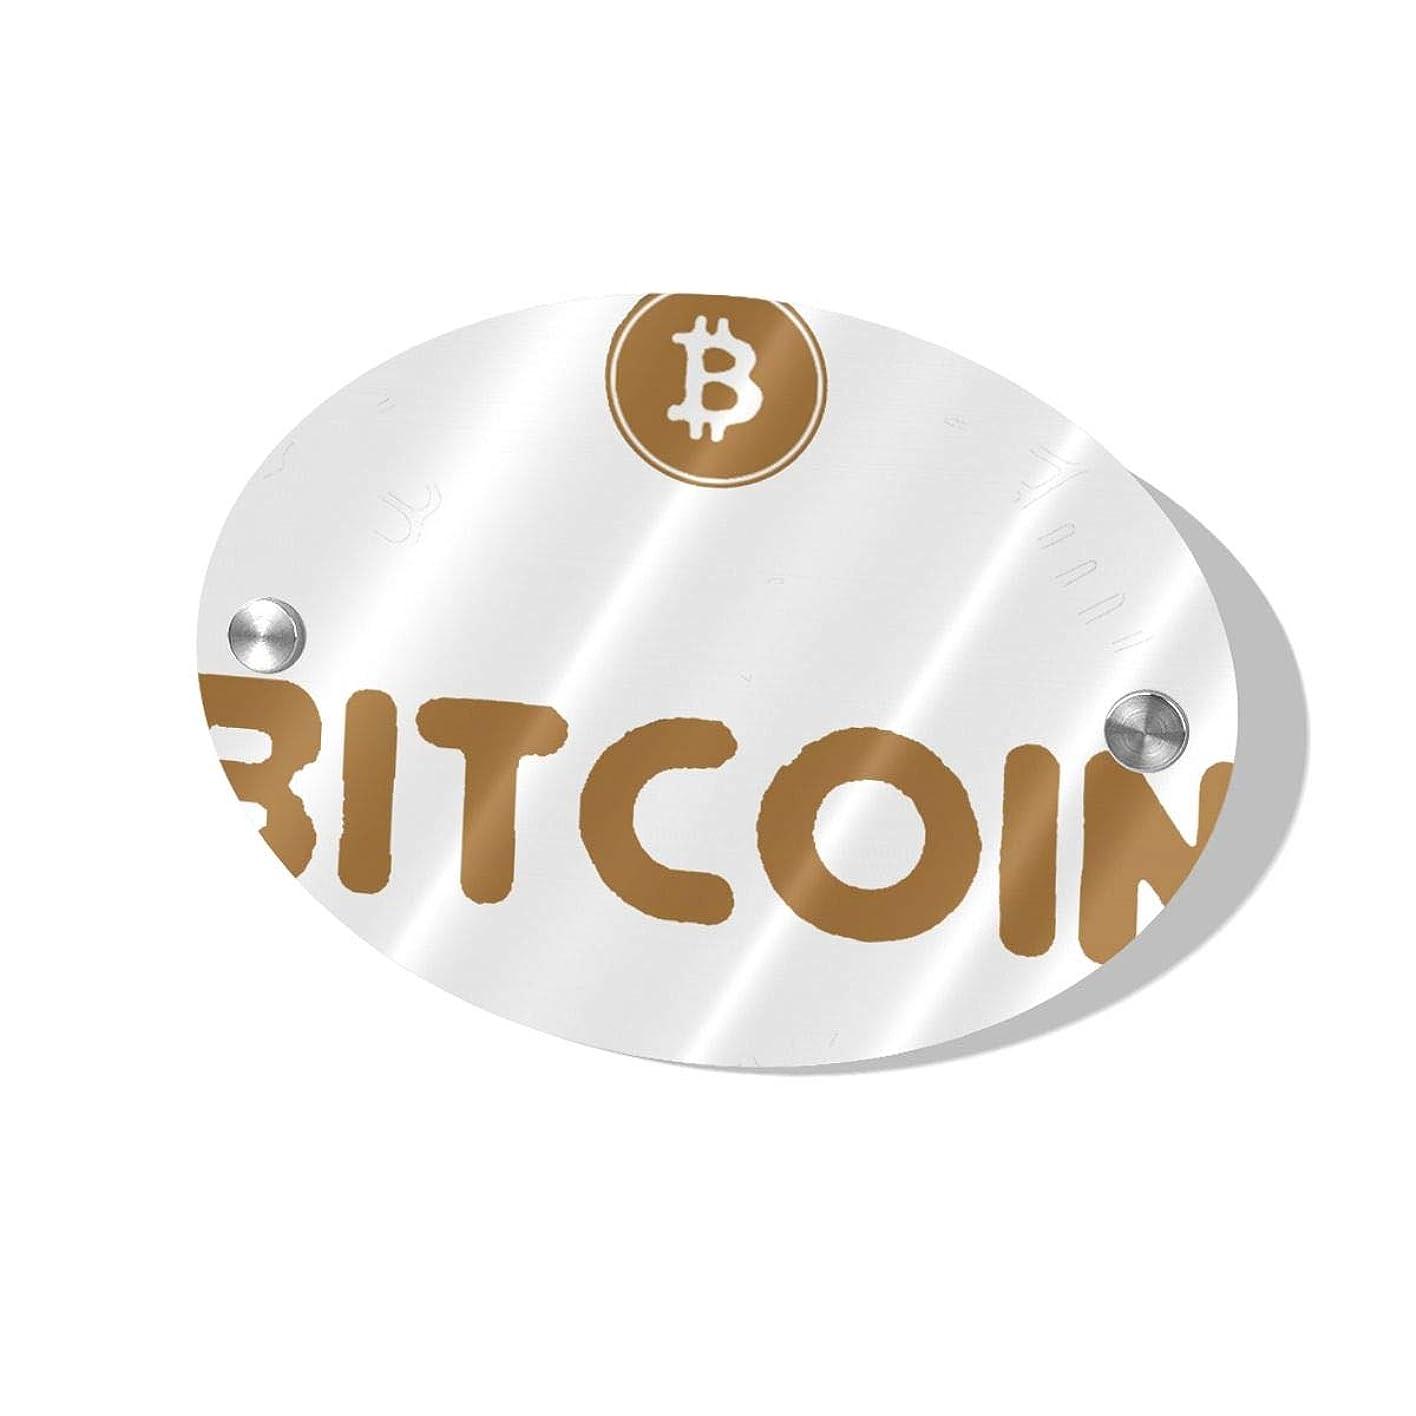 ピカソ反映するヒゲクジラThe Next Bitcoin Millionaire ハイエンド、スタイリッシュ、シンプル、人気、絶妙でエレガントな楕円形のドアプレートは、頑丈で美しく、取り付けが簡単です